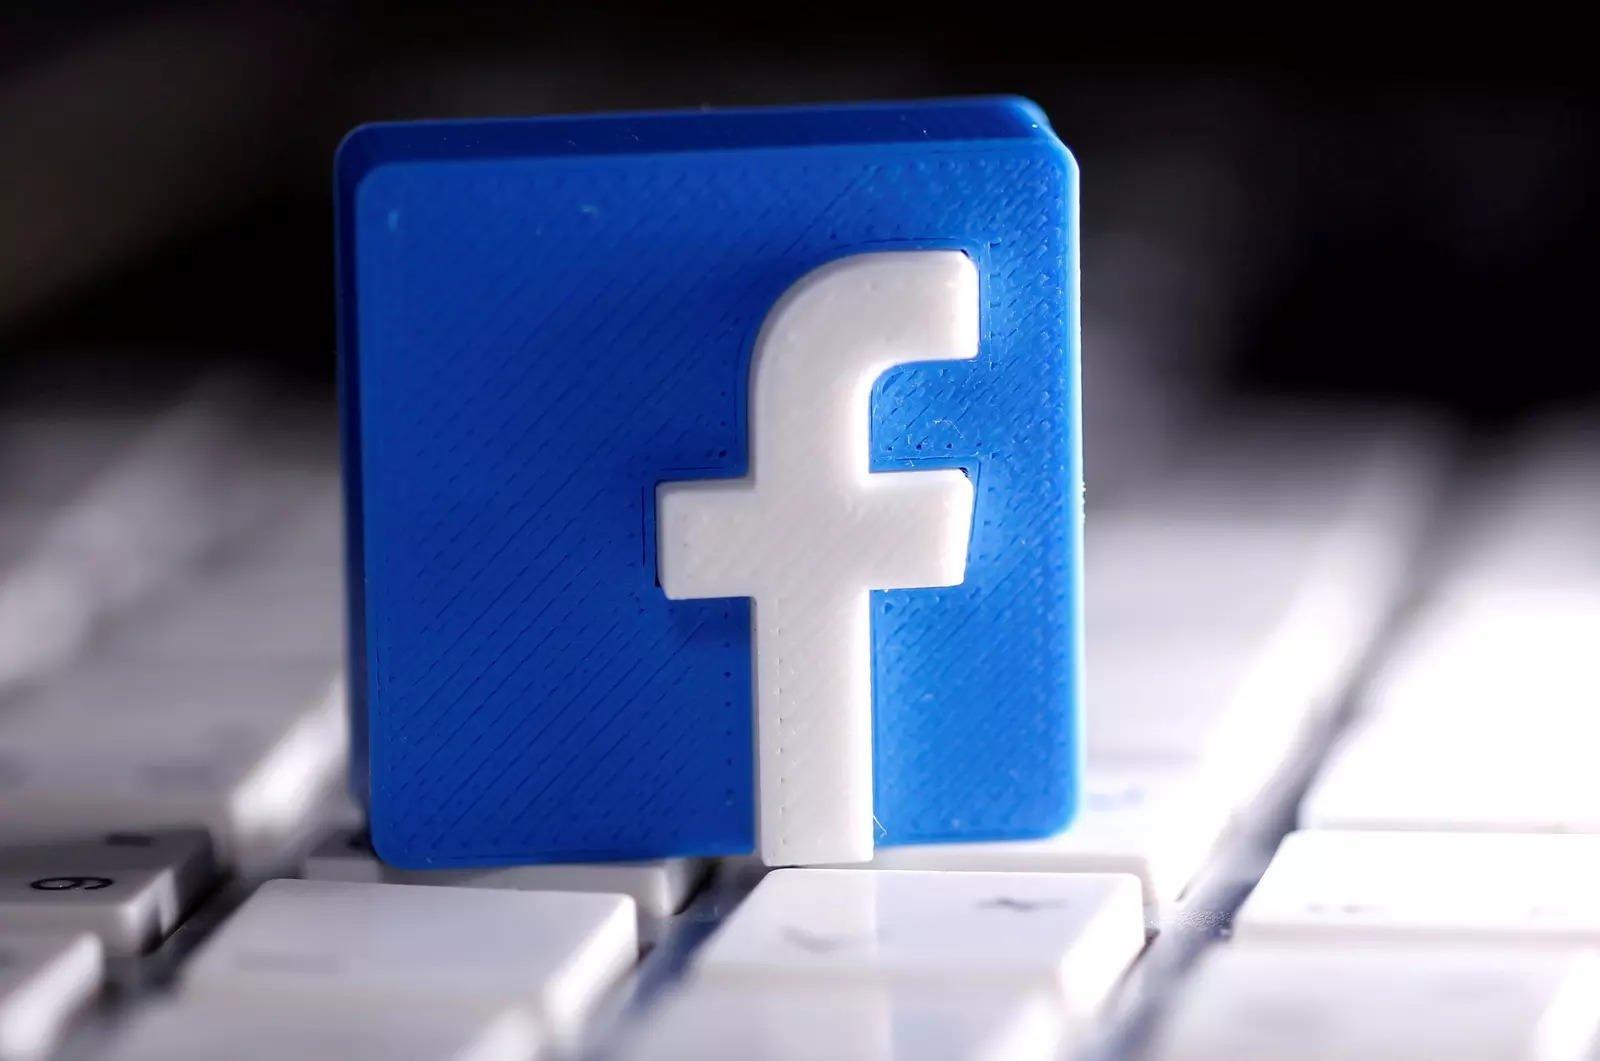 فیسبوک ۵۰ میلیون دلار برای ساخت متاورس هزینه میکند